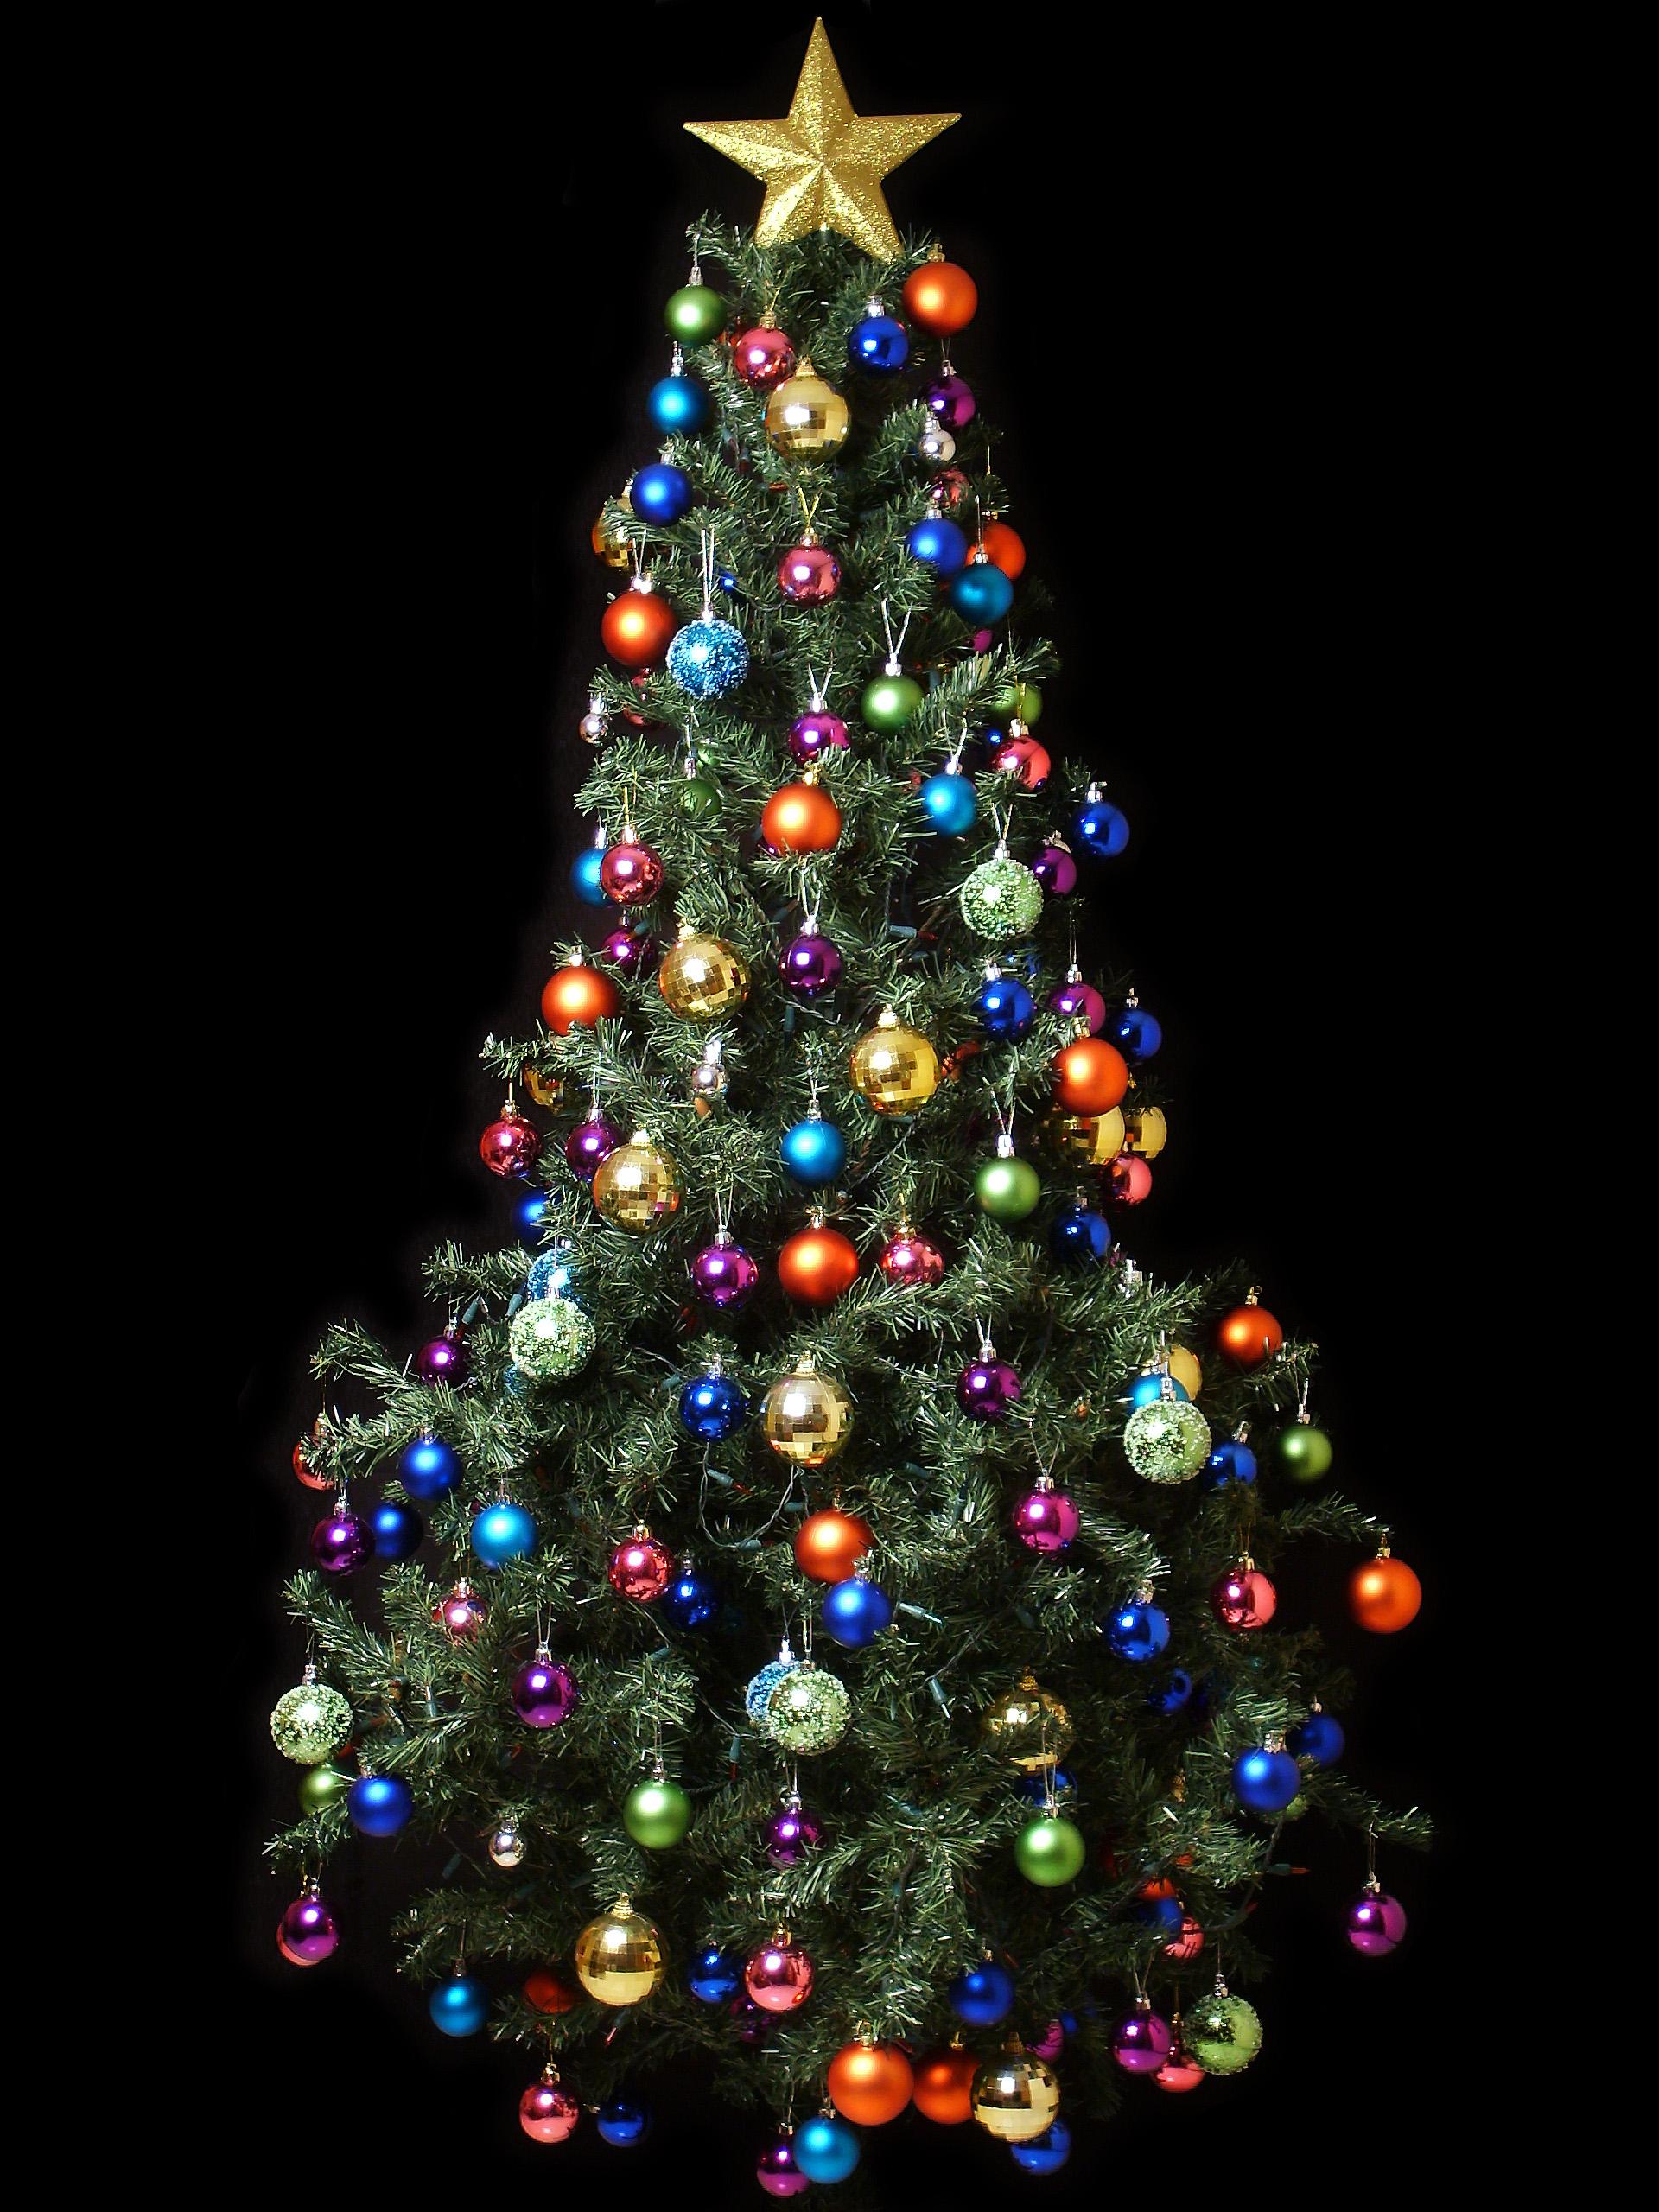 Fondo de pantalla arbol de navidad con bolas de colores - Arboles de navidad colores ...